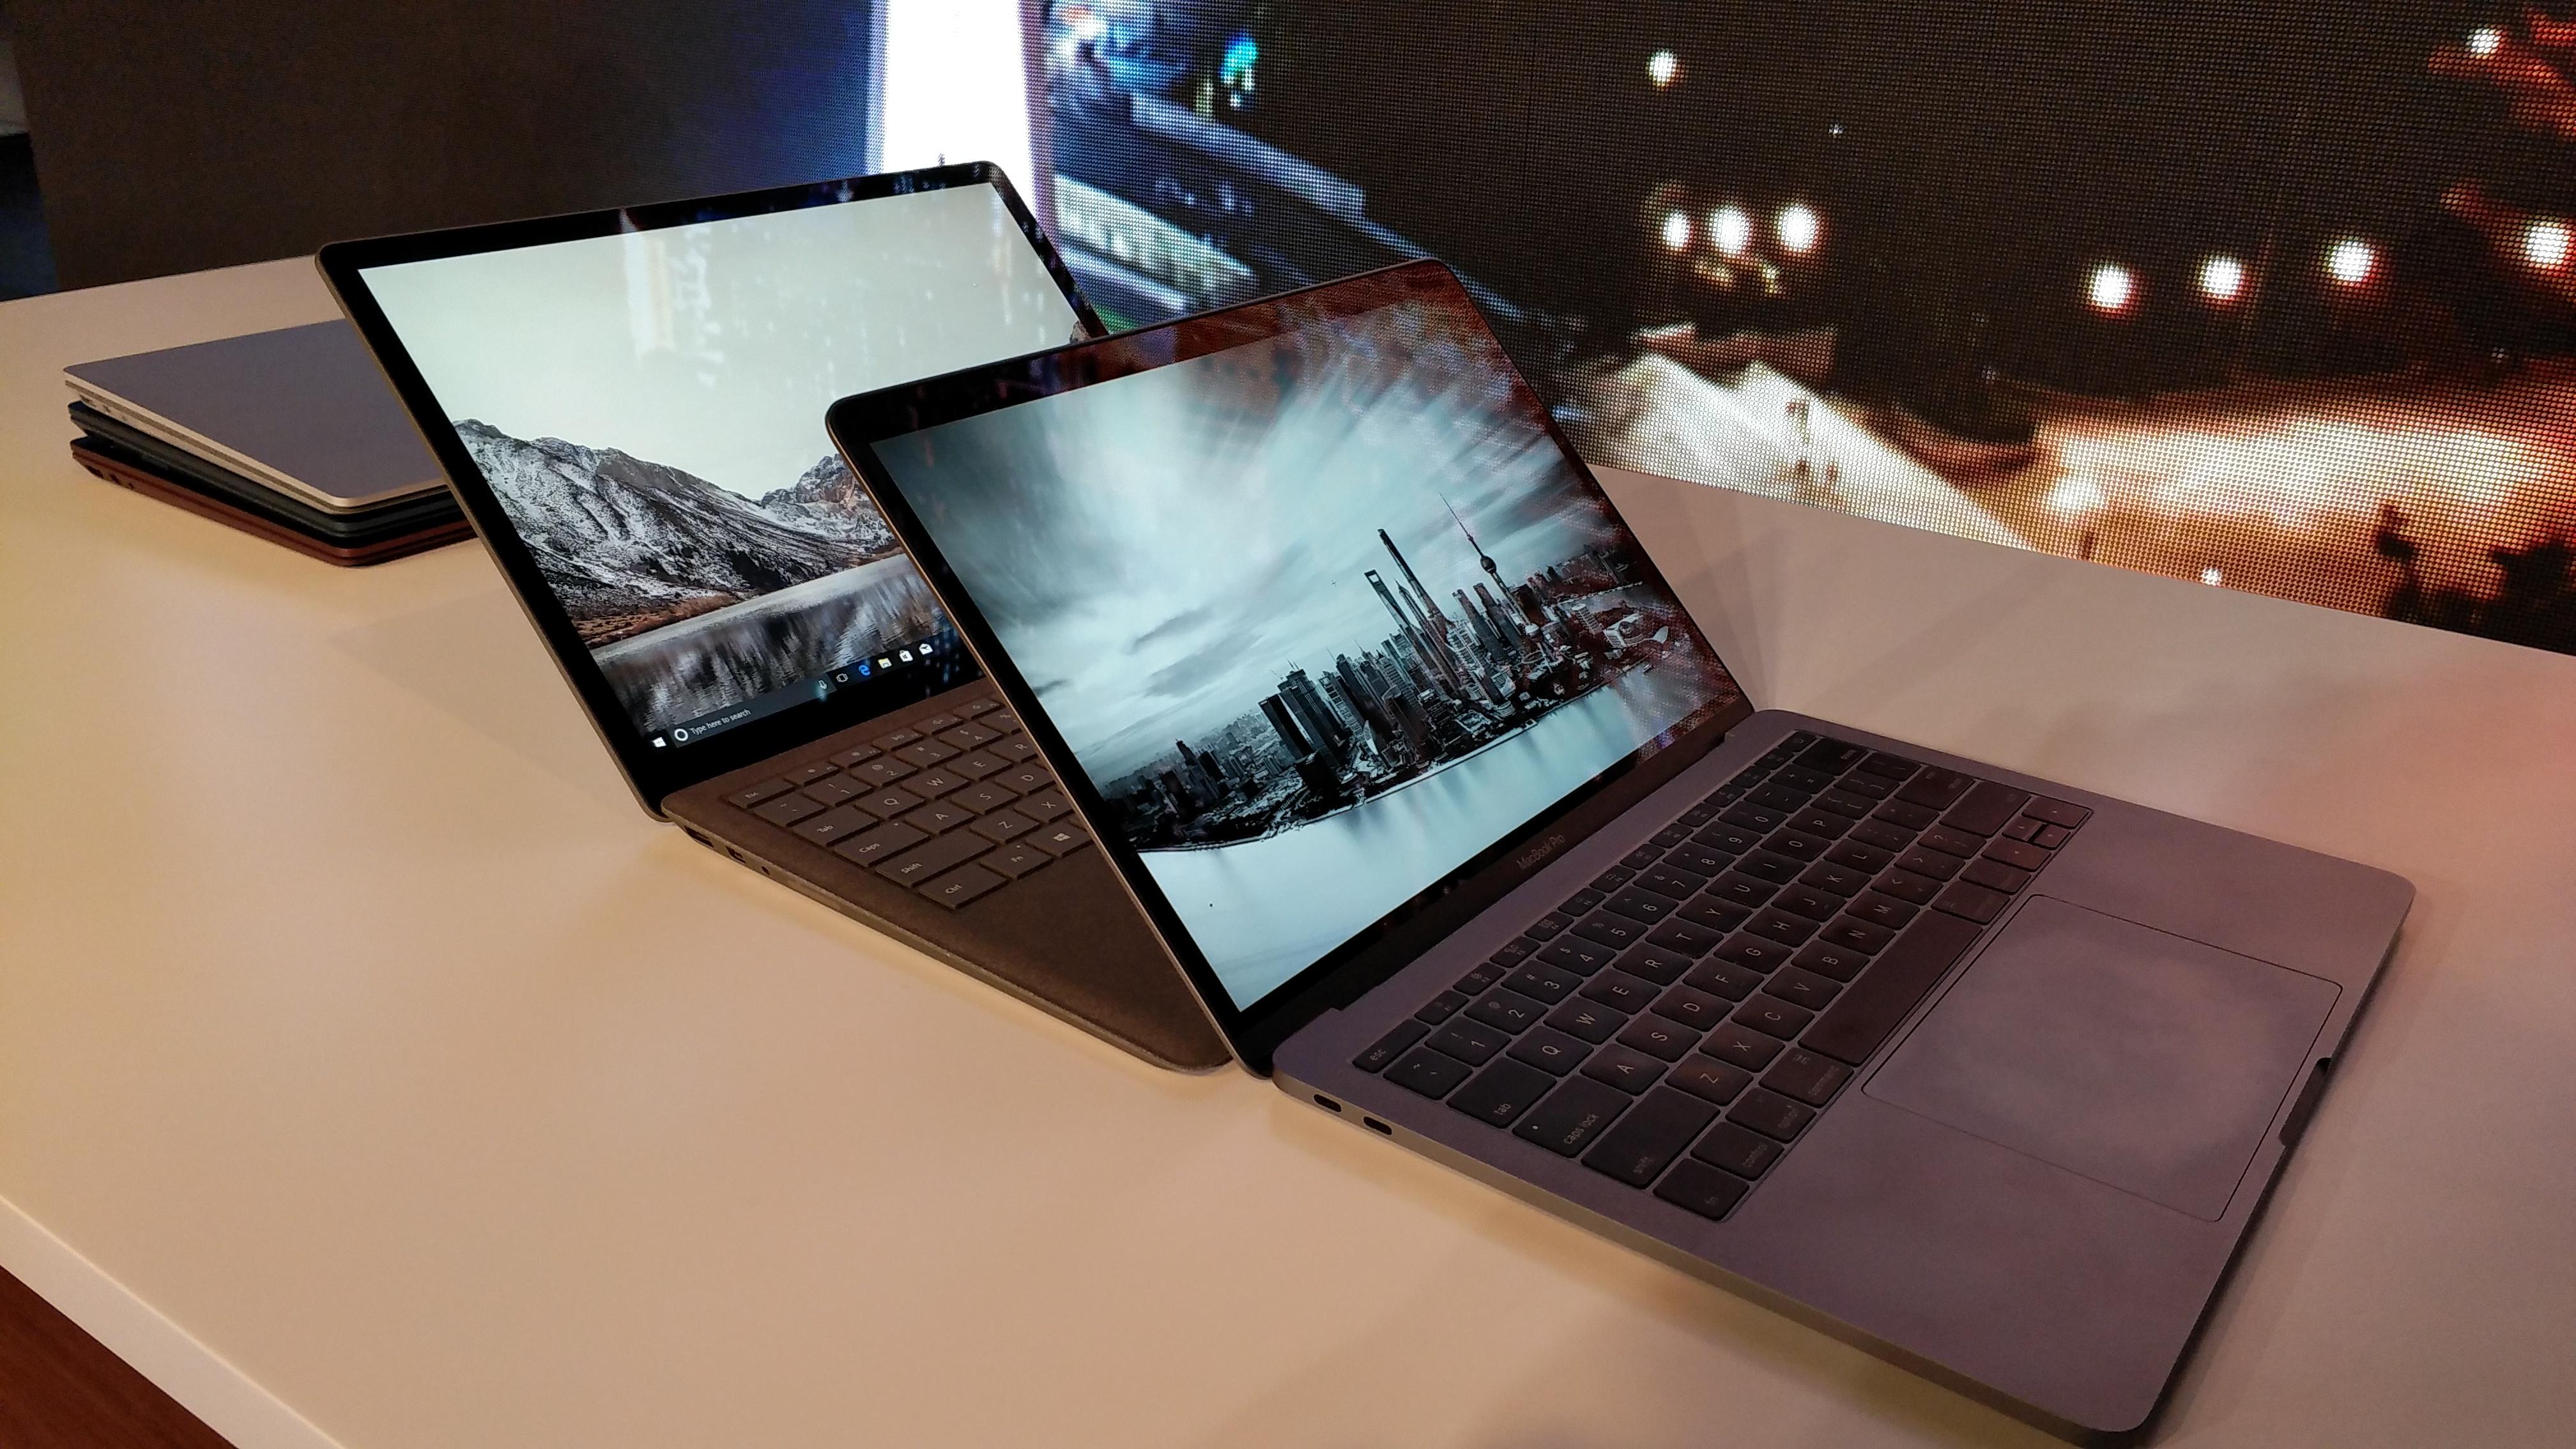 微软Laptop对比苹果新款MacBook,你会选择谁?的照片 - 7